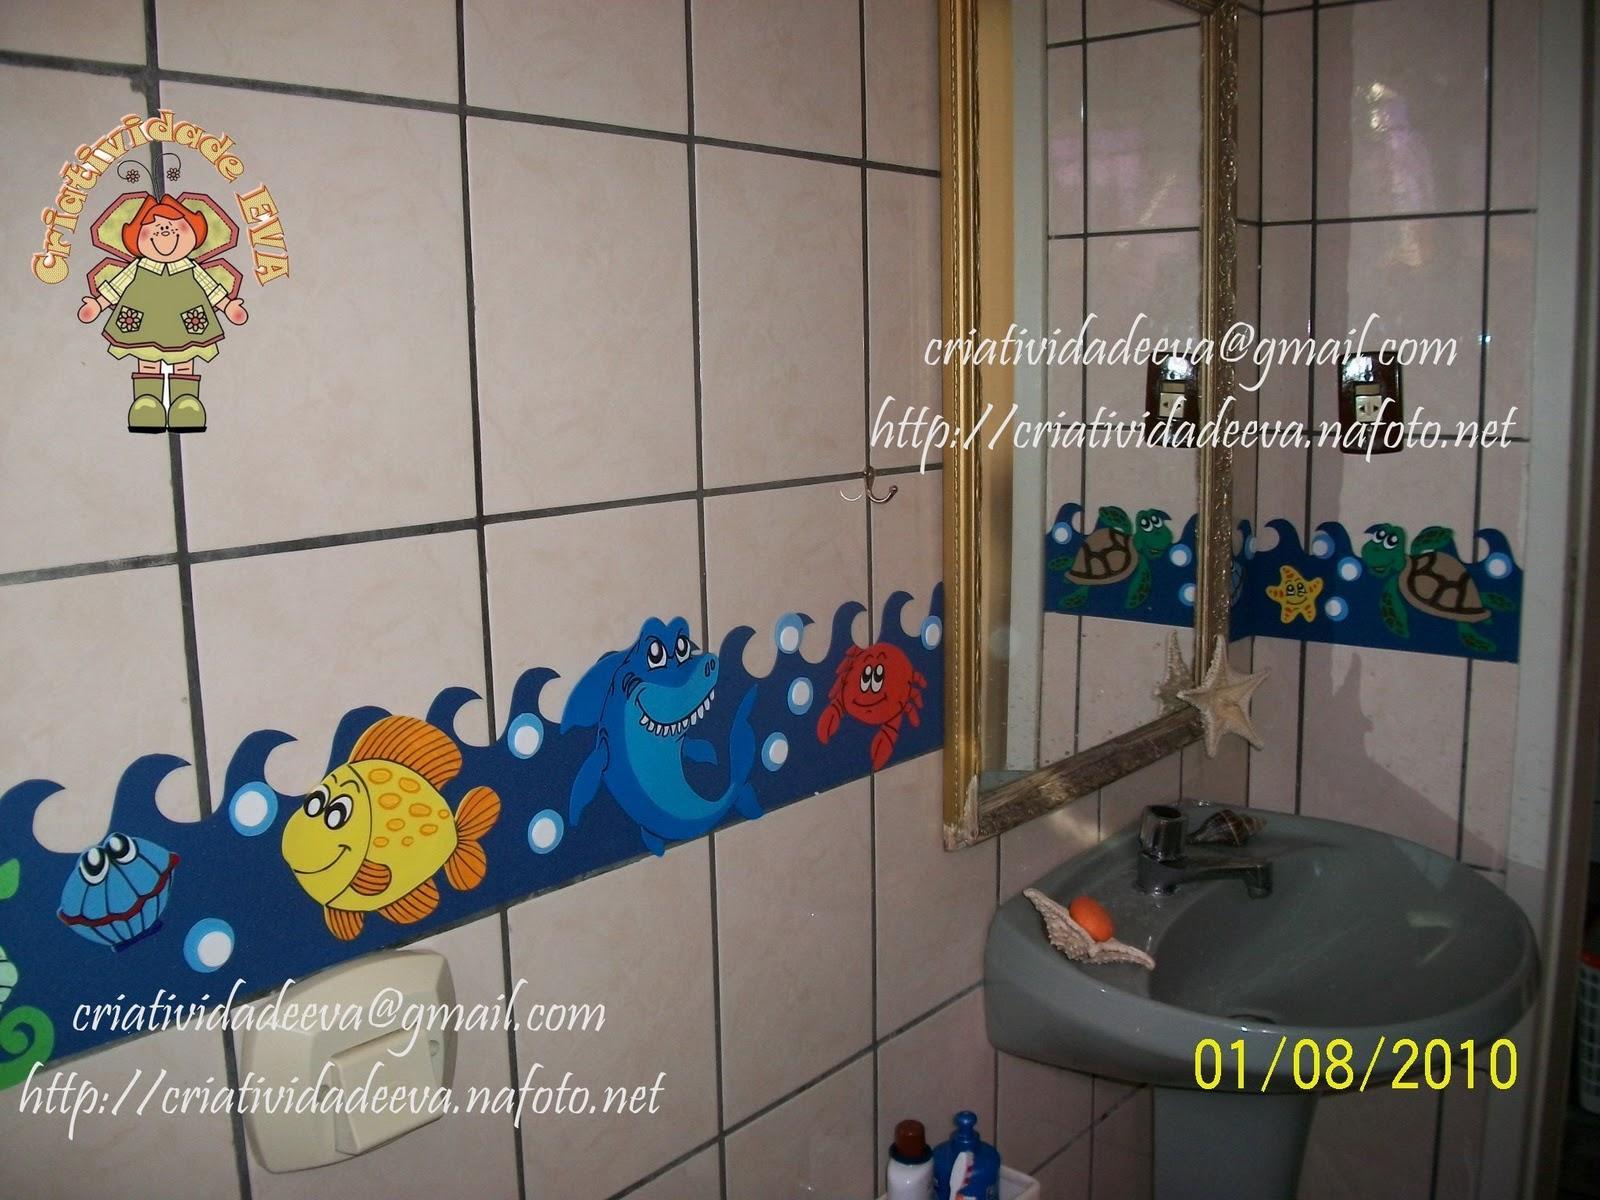 CRIATIVIDADE EVA Decoração Banheiro  Fundo do Mar -> Decoracao De Banheiro Infantil Em Eva